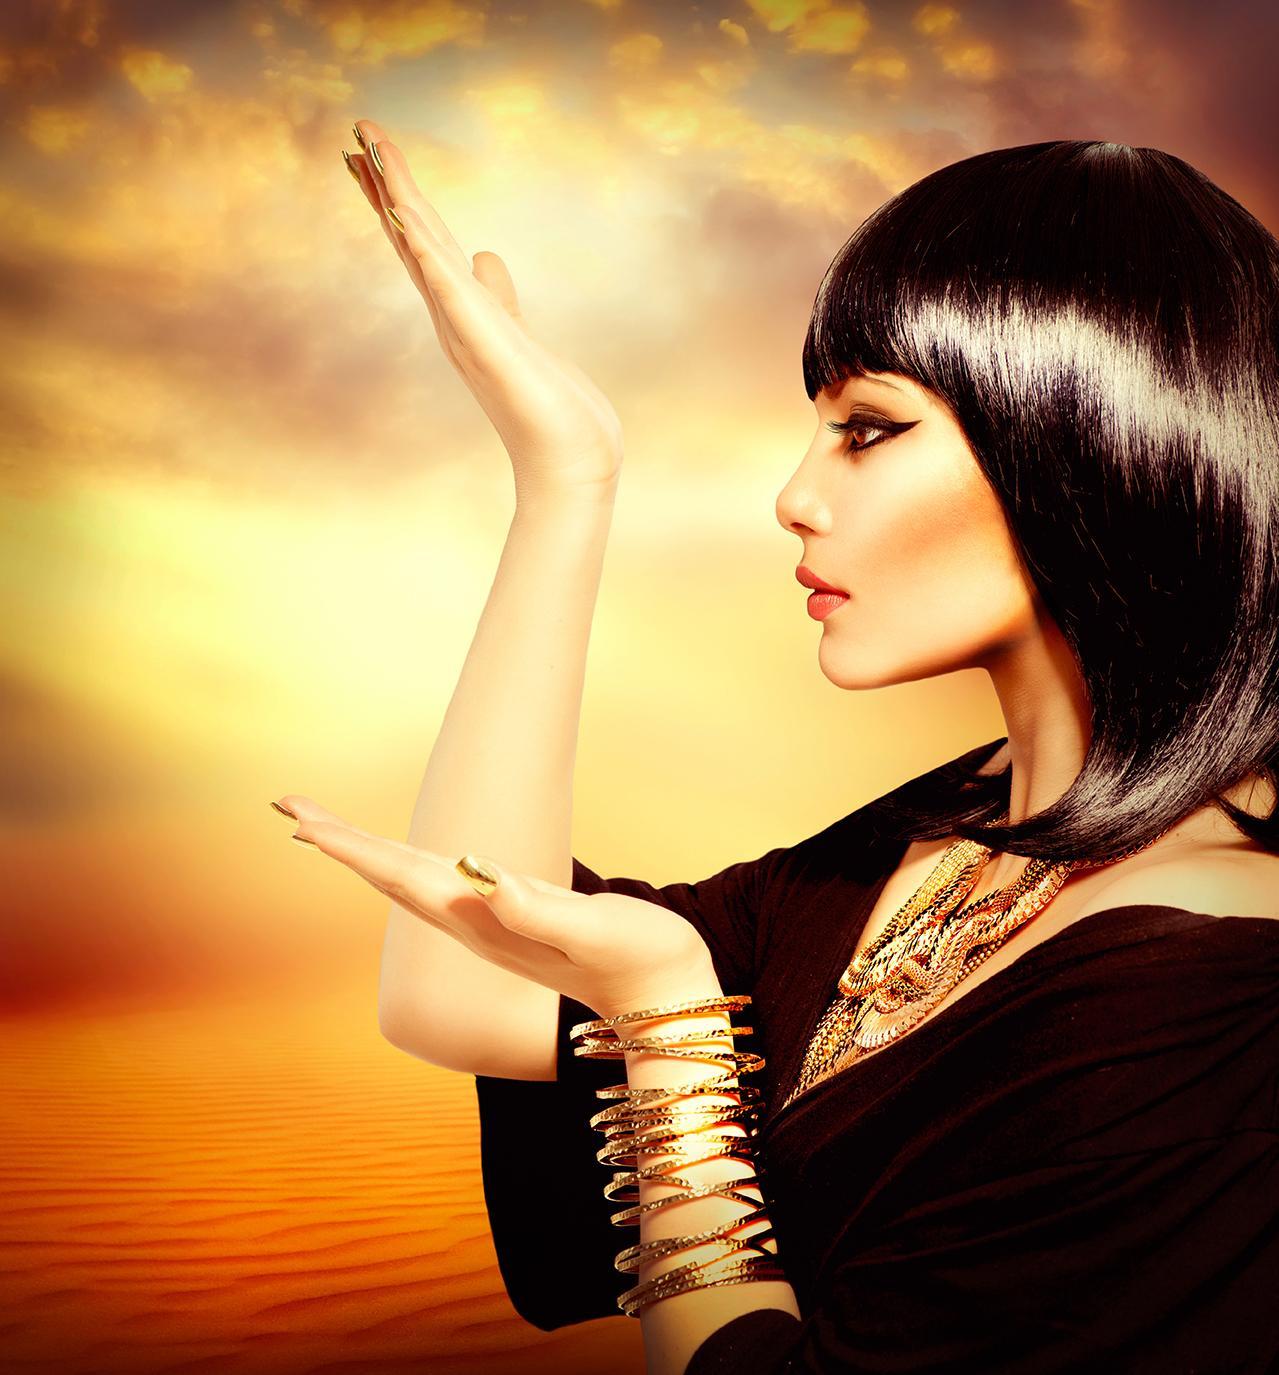 ägyptische Frau von der Seite